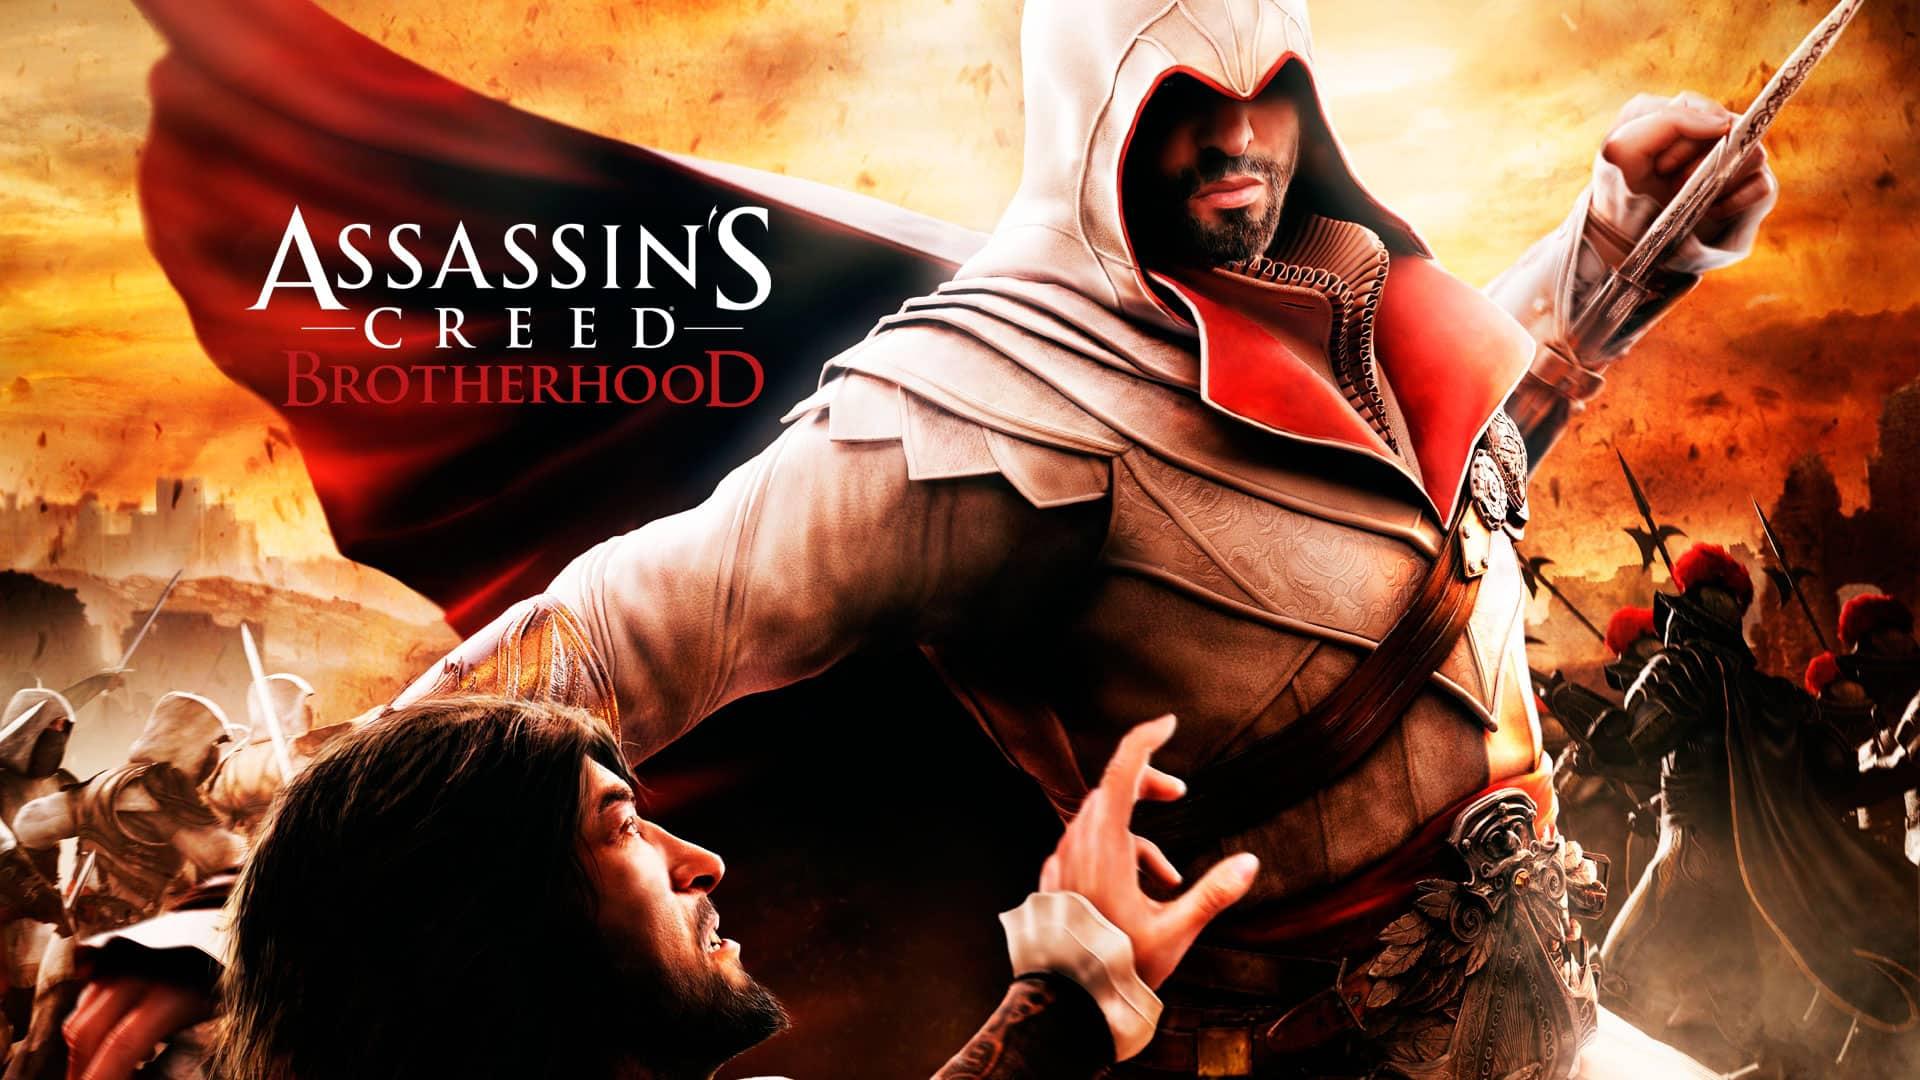 Best Assassins Creed Games - Assassins Creed Brotherhood